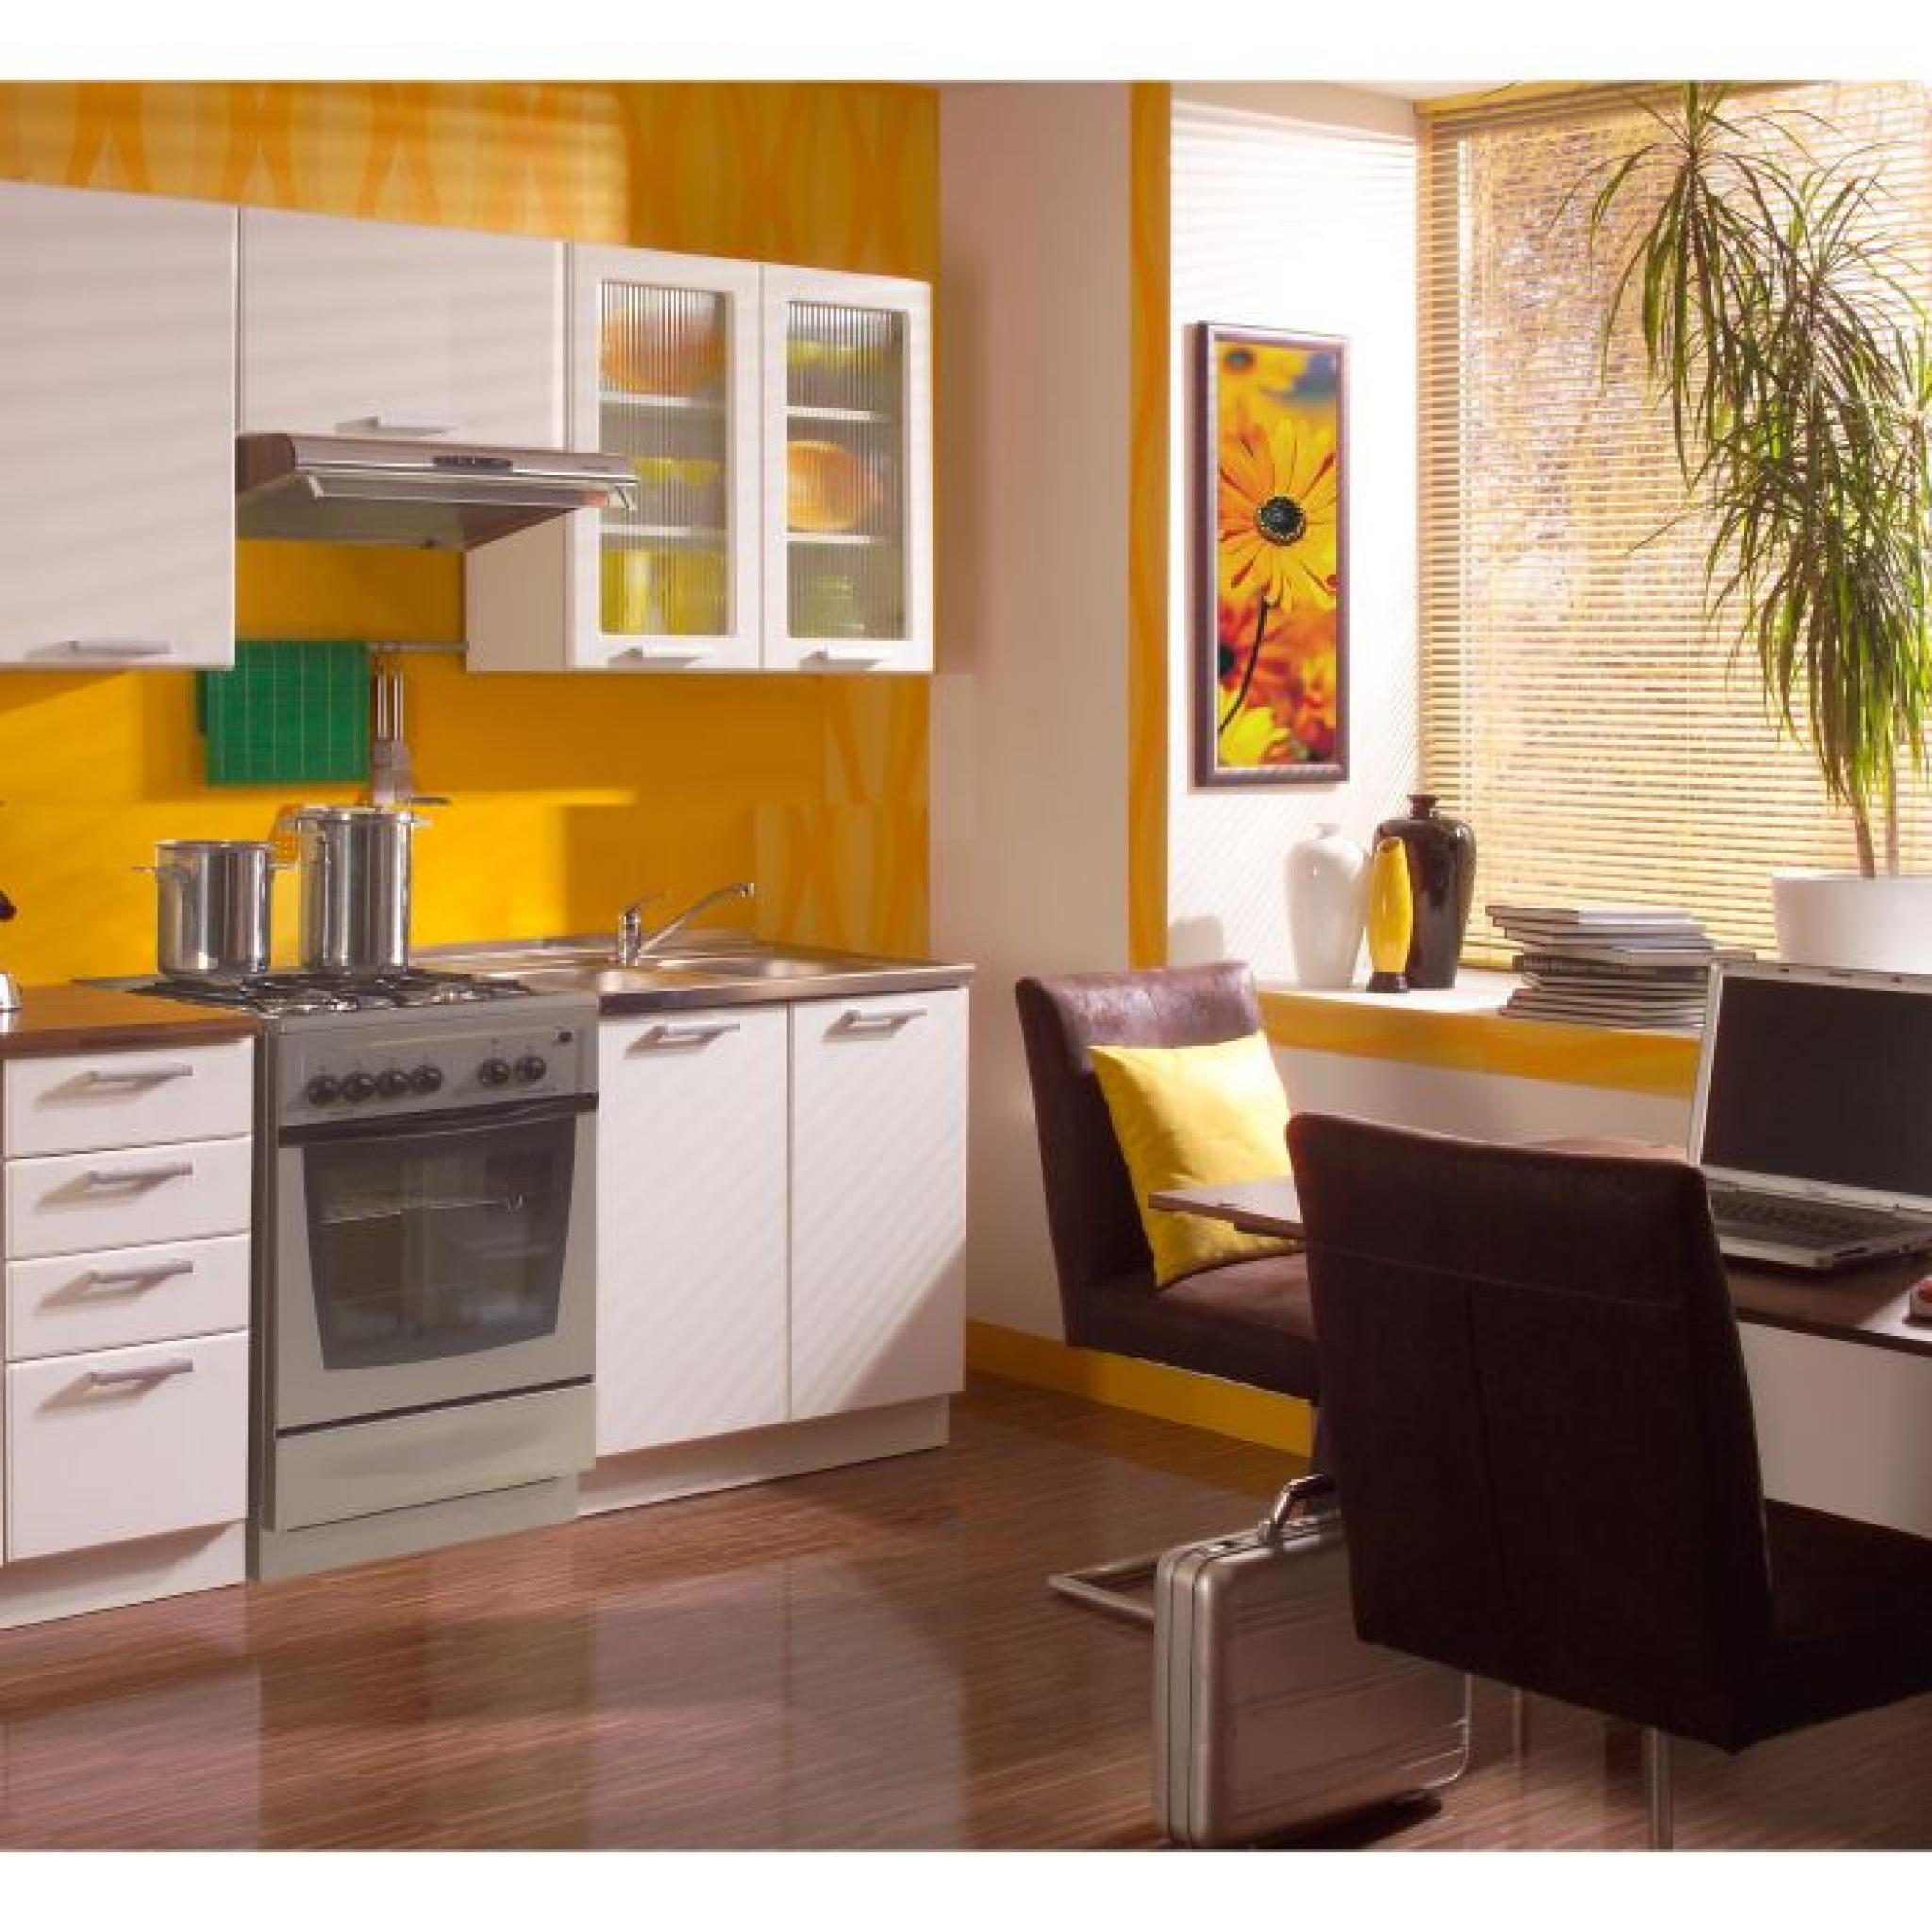 Cuisine compl te rubis blanc laqu 1m80 achat vente - Modele cuisine blanc laque ...